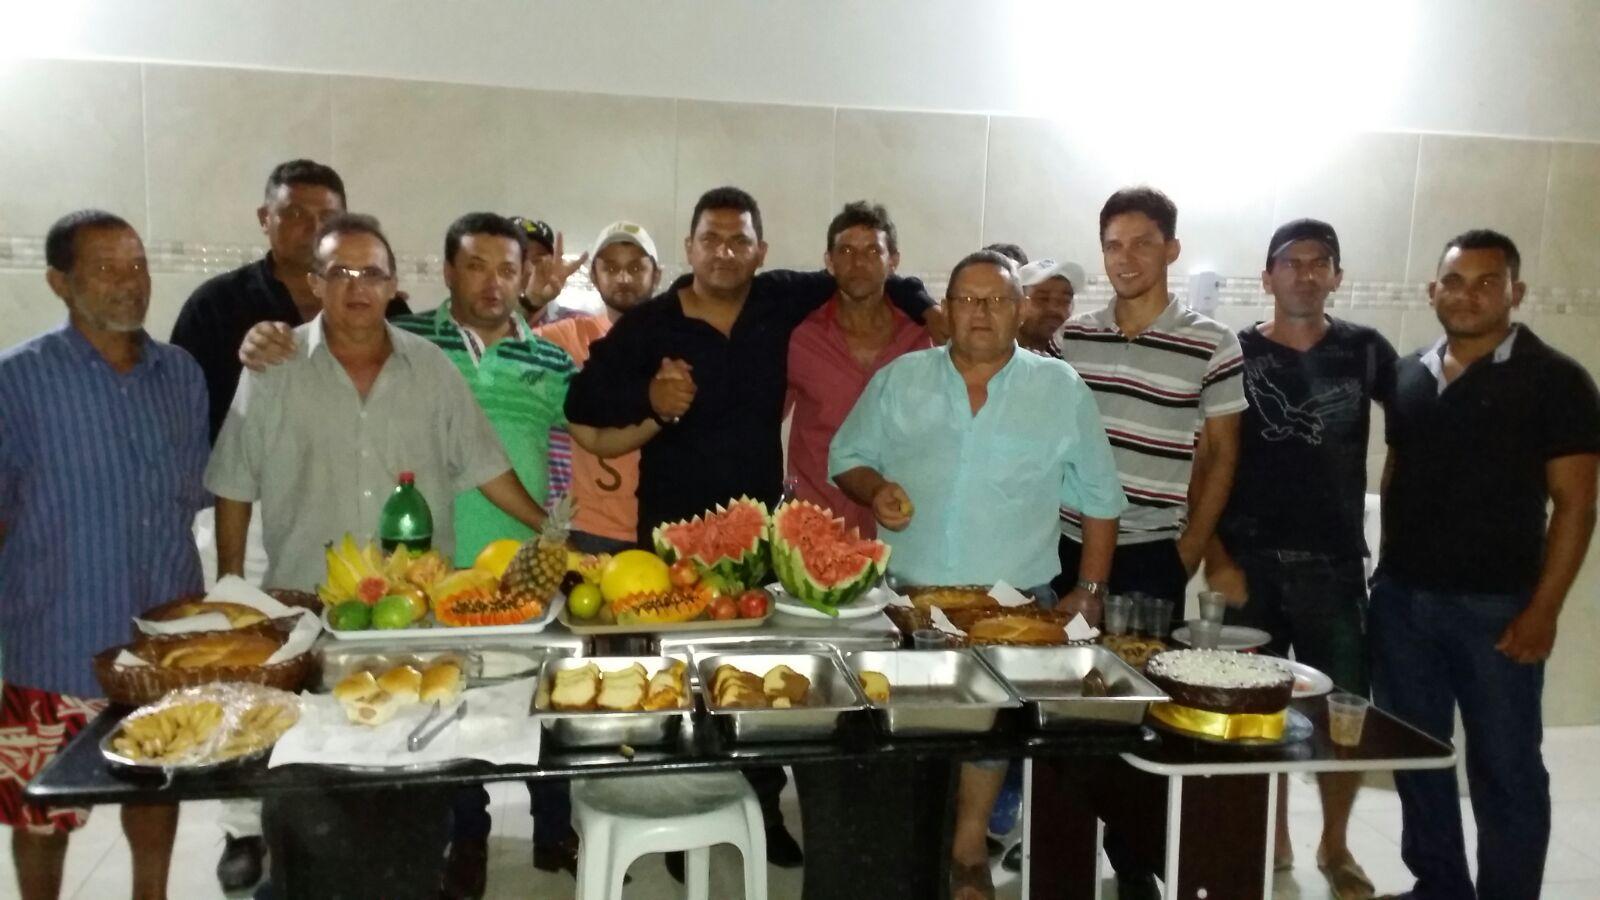 c07c26d4-e3d2-4a33-b53b-faf184db78fe Ex-Deputado, vereadores e lideranças consolidam apoio à pré-candidatura de Paulo Sergio a prefeito de Monteiro.